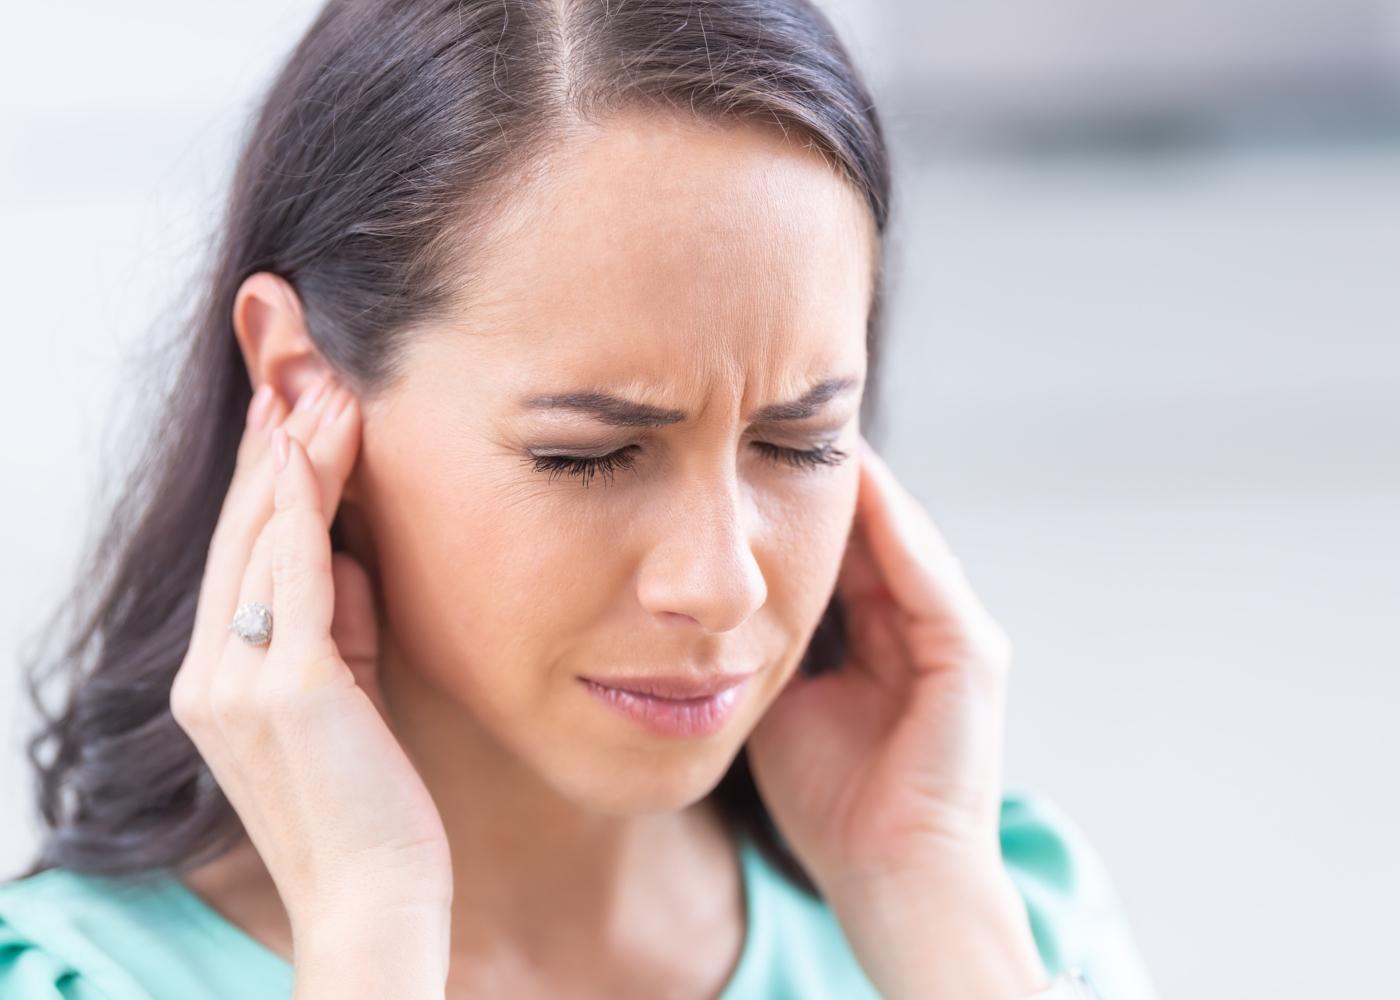 Mulher com dores nos ouvidos